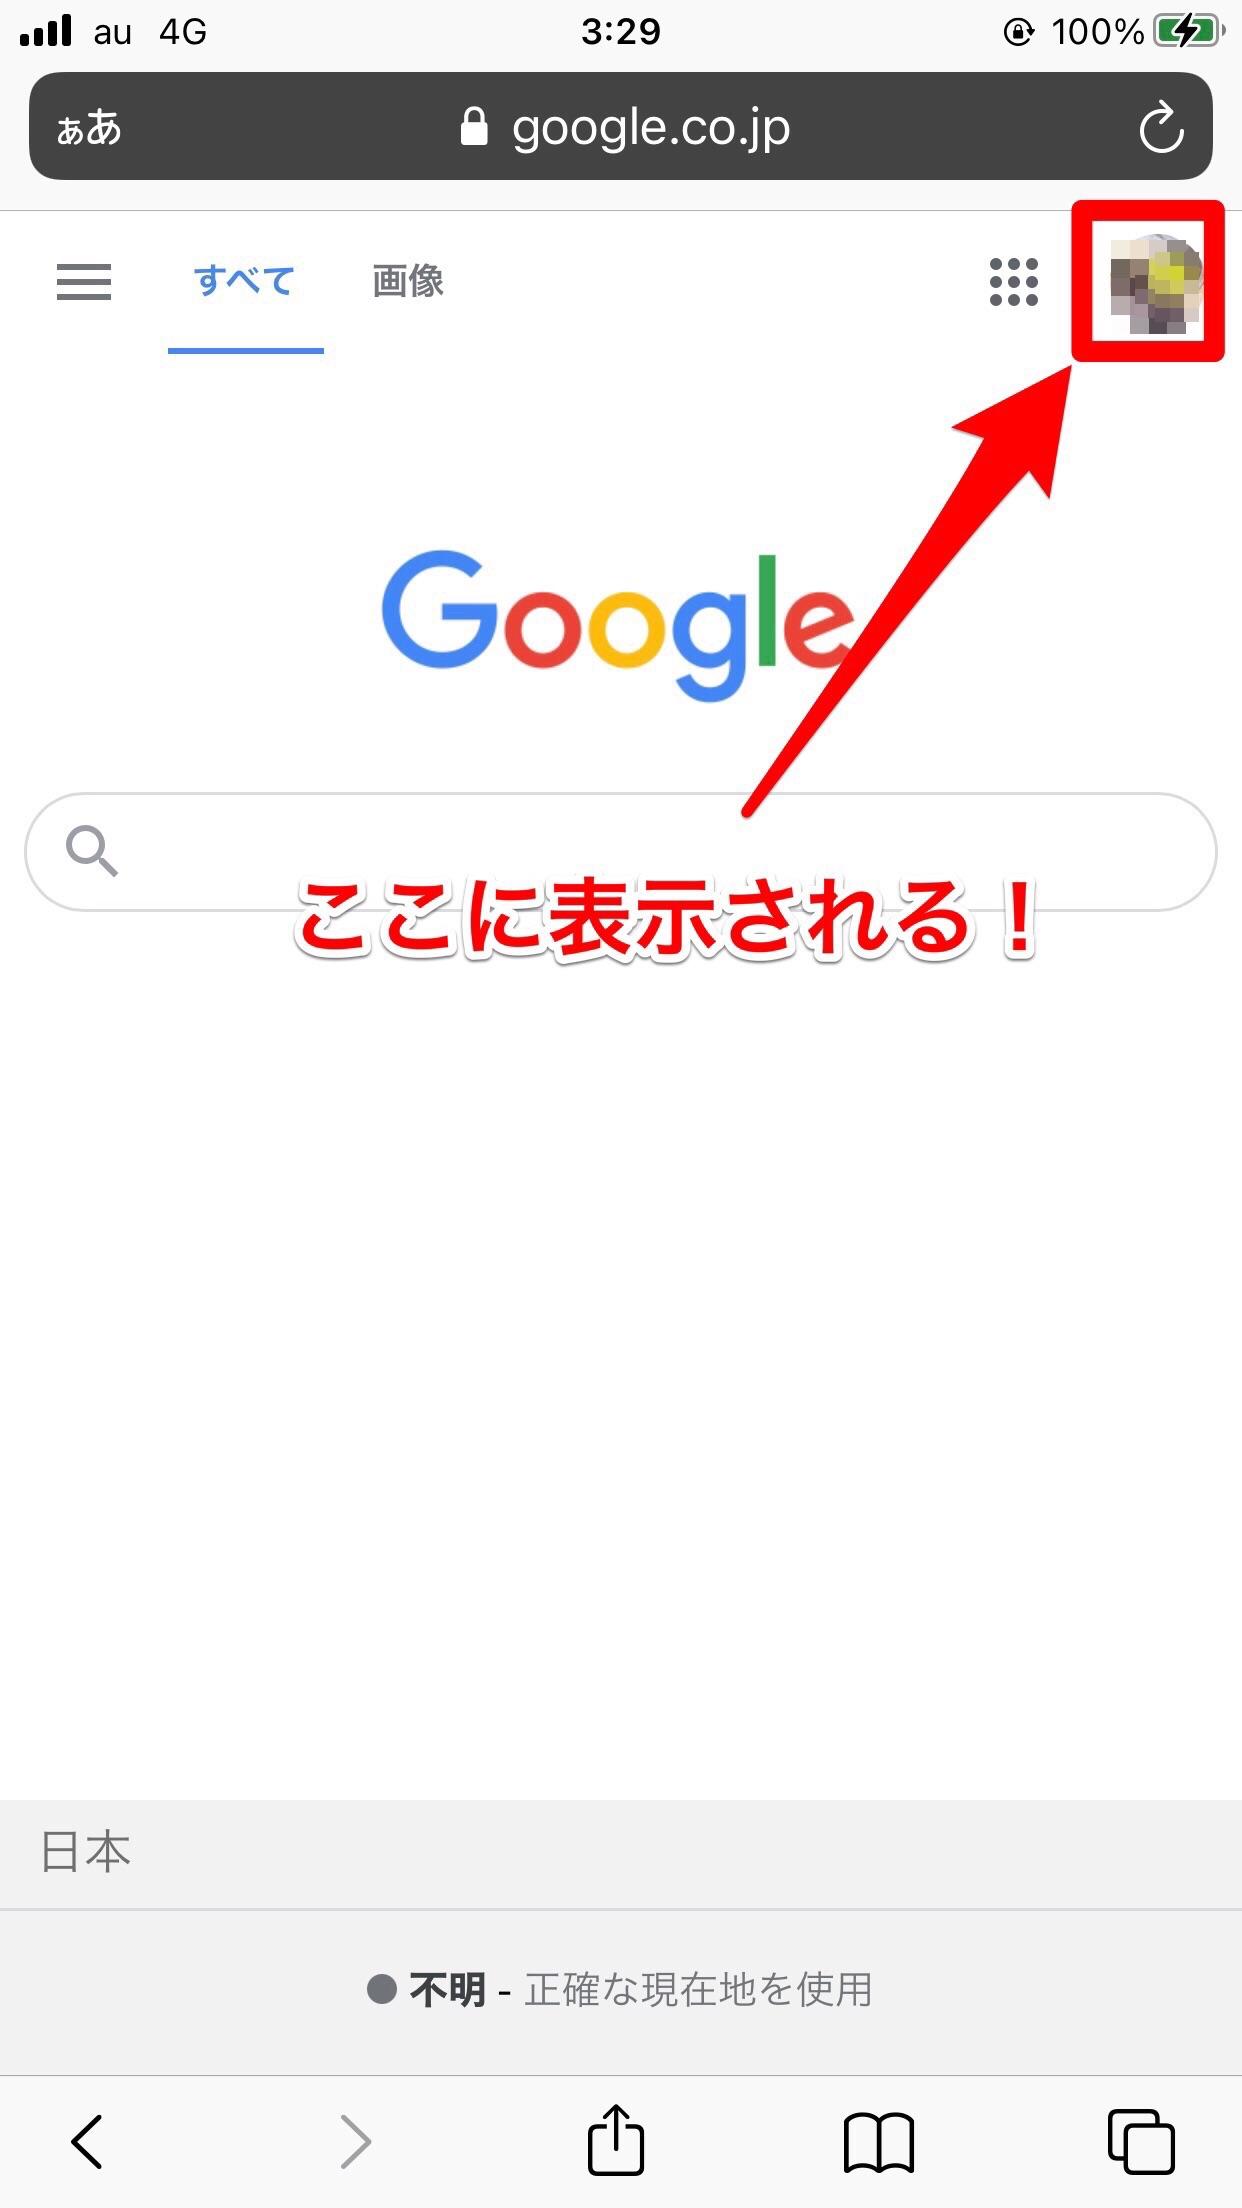 プロフィール画像が表示される場所